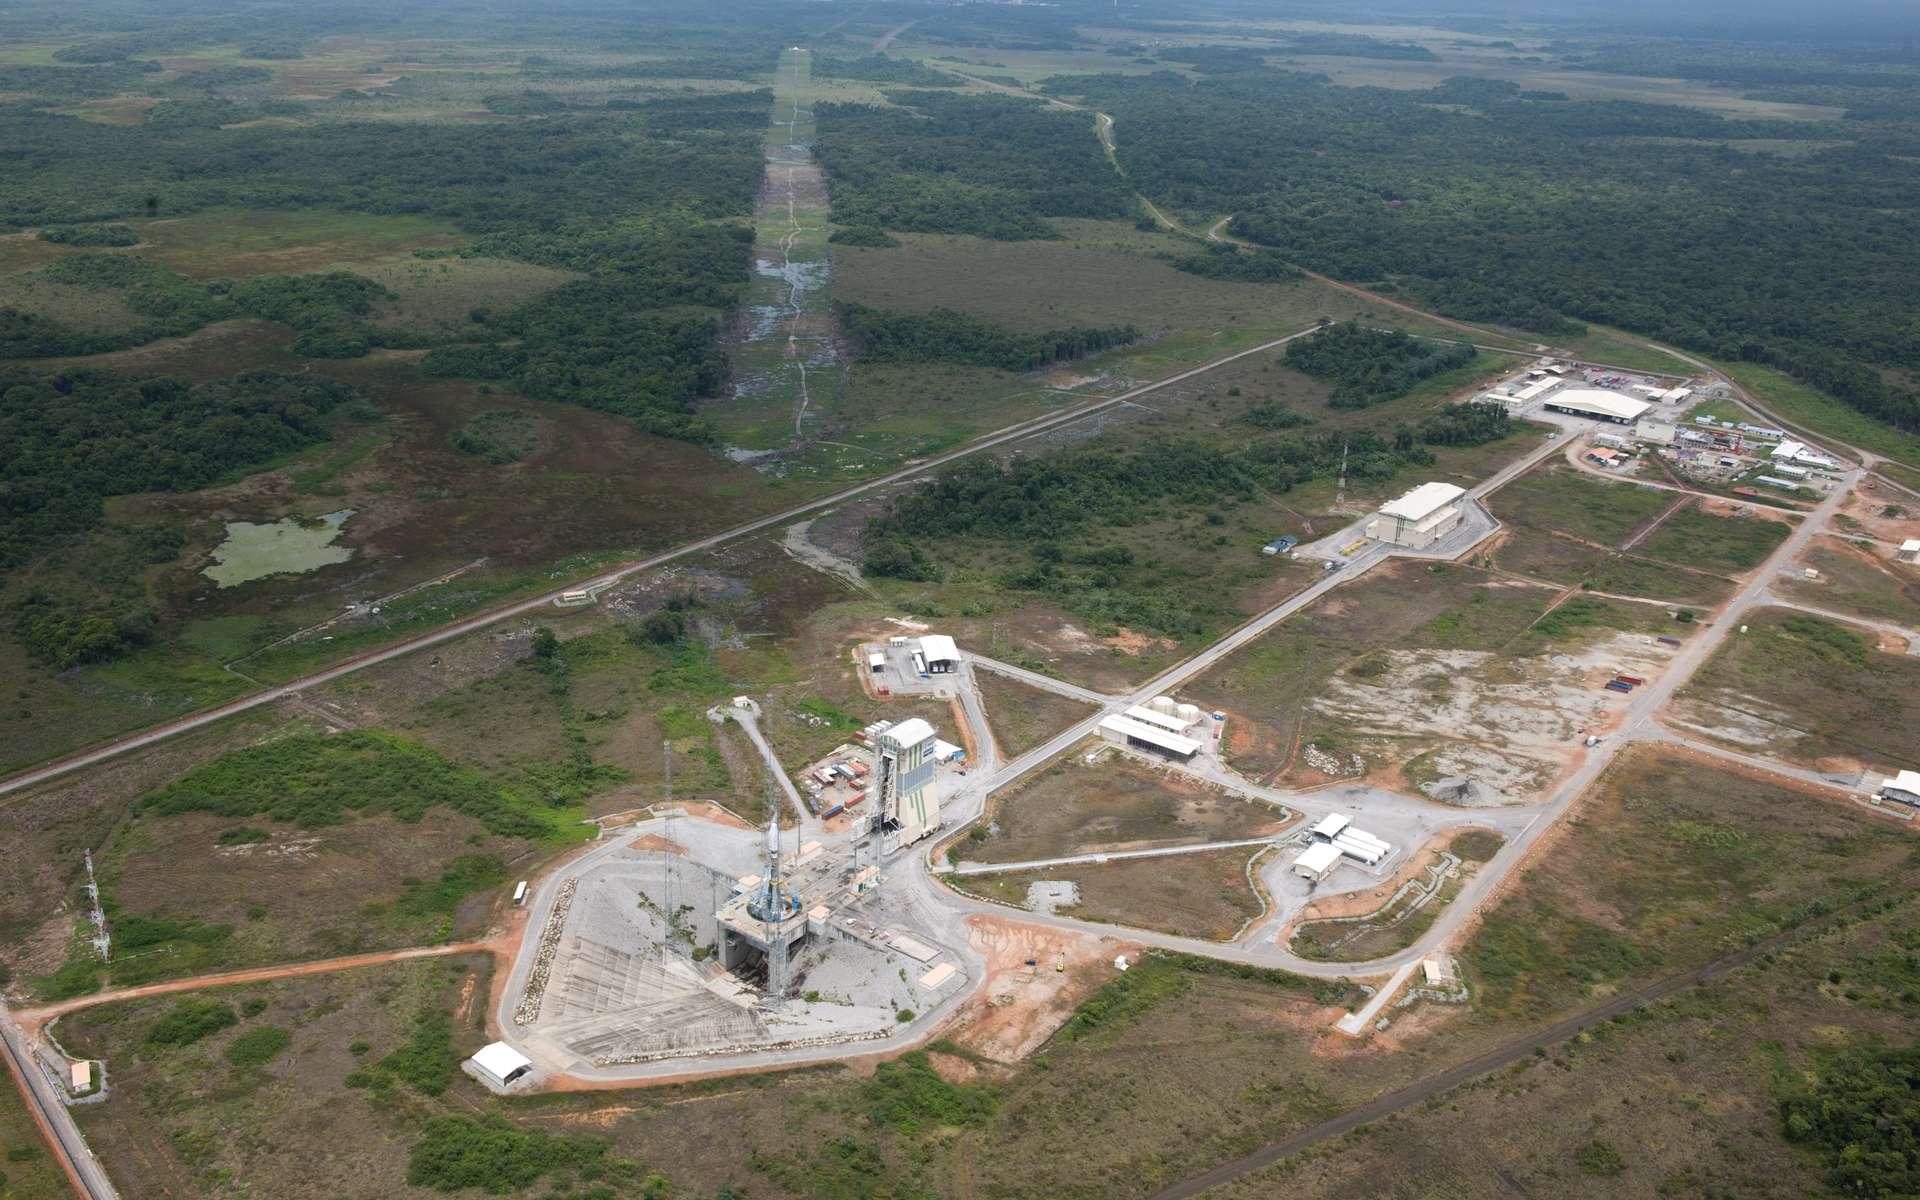 Vue aérienne des installations Soyouz du CSG. On distingue, dans le fond, les installations dédiées à Ariane 5. © Esa/S. Corvaja 2011